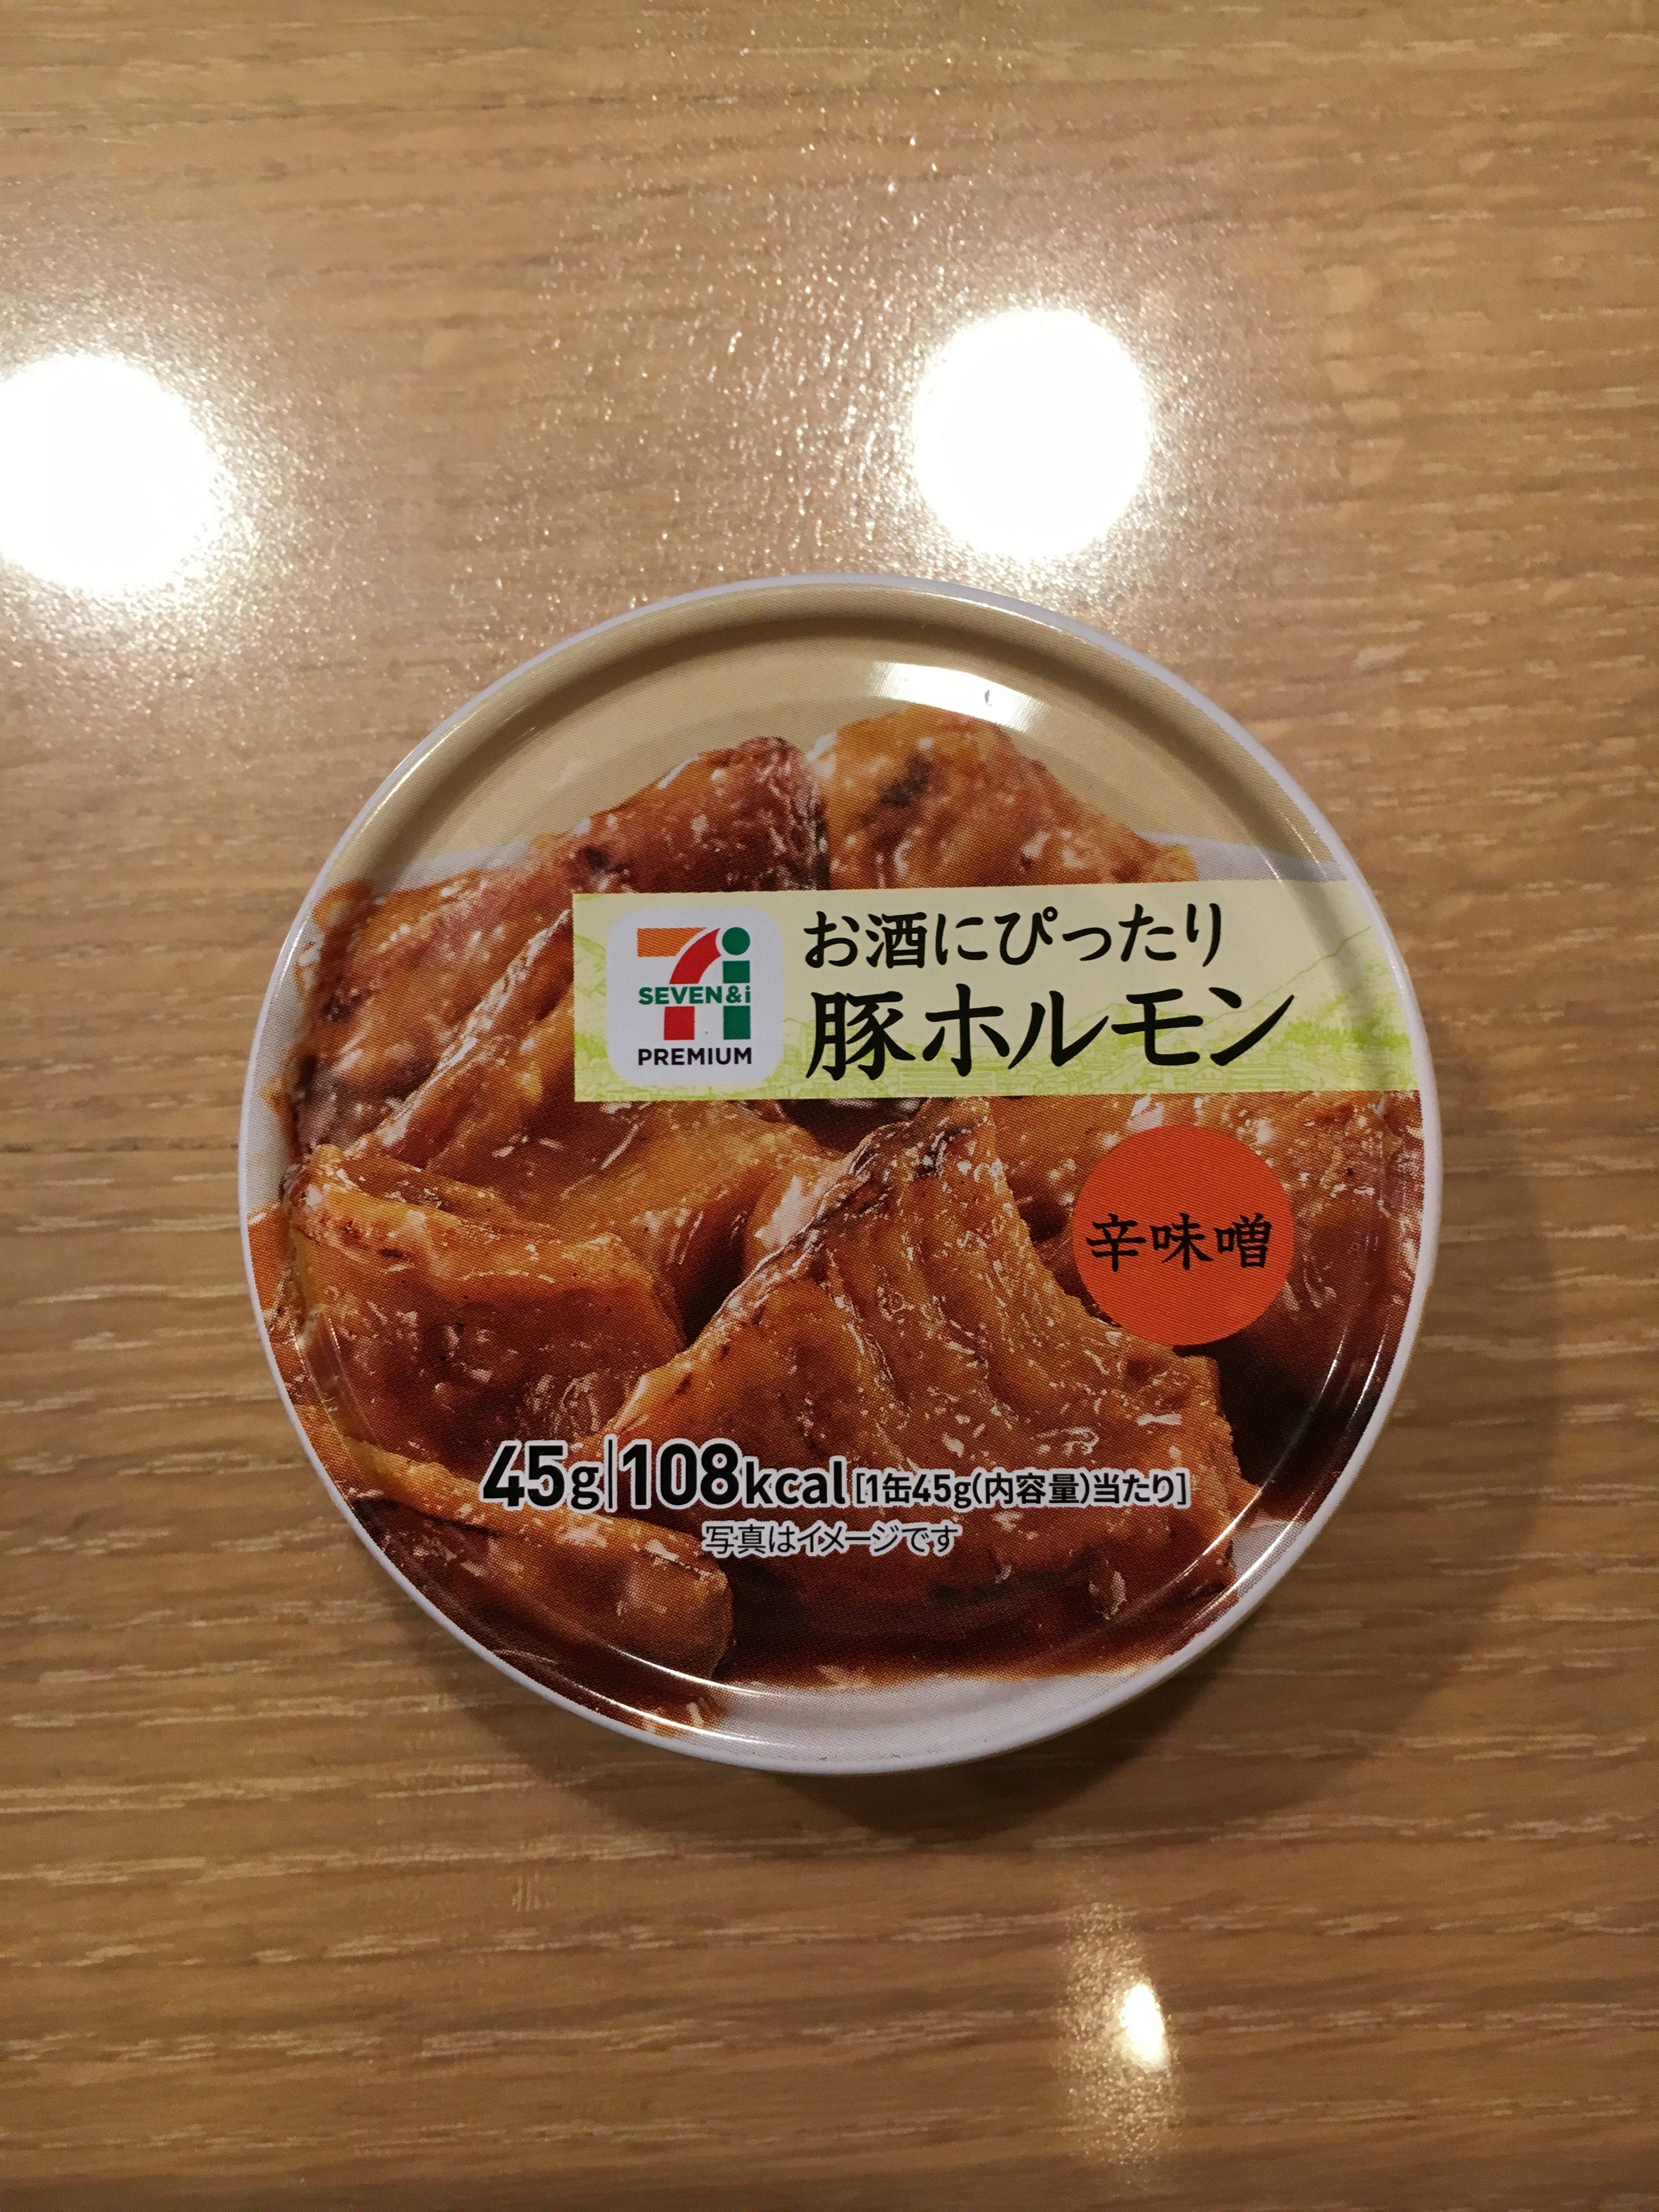 セブンイレブン缶詰 お酒に合う 豚ホルモン 辛味噌 なかなか美味しいです